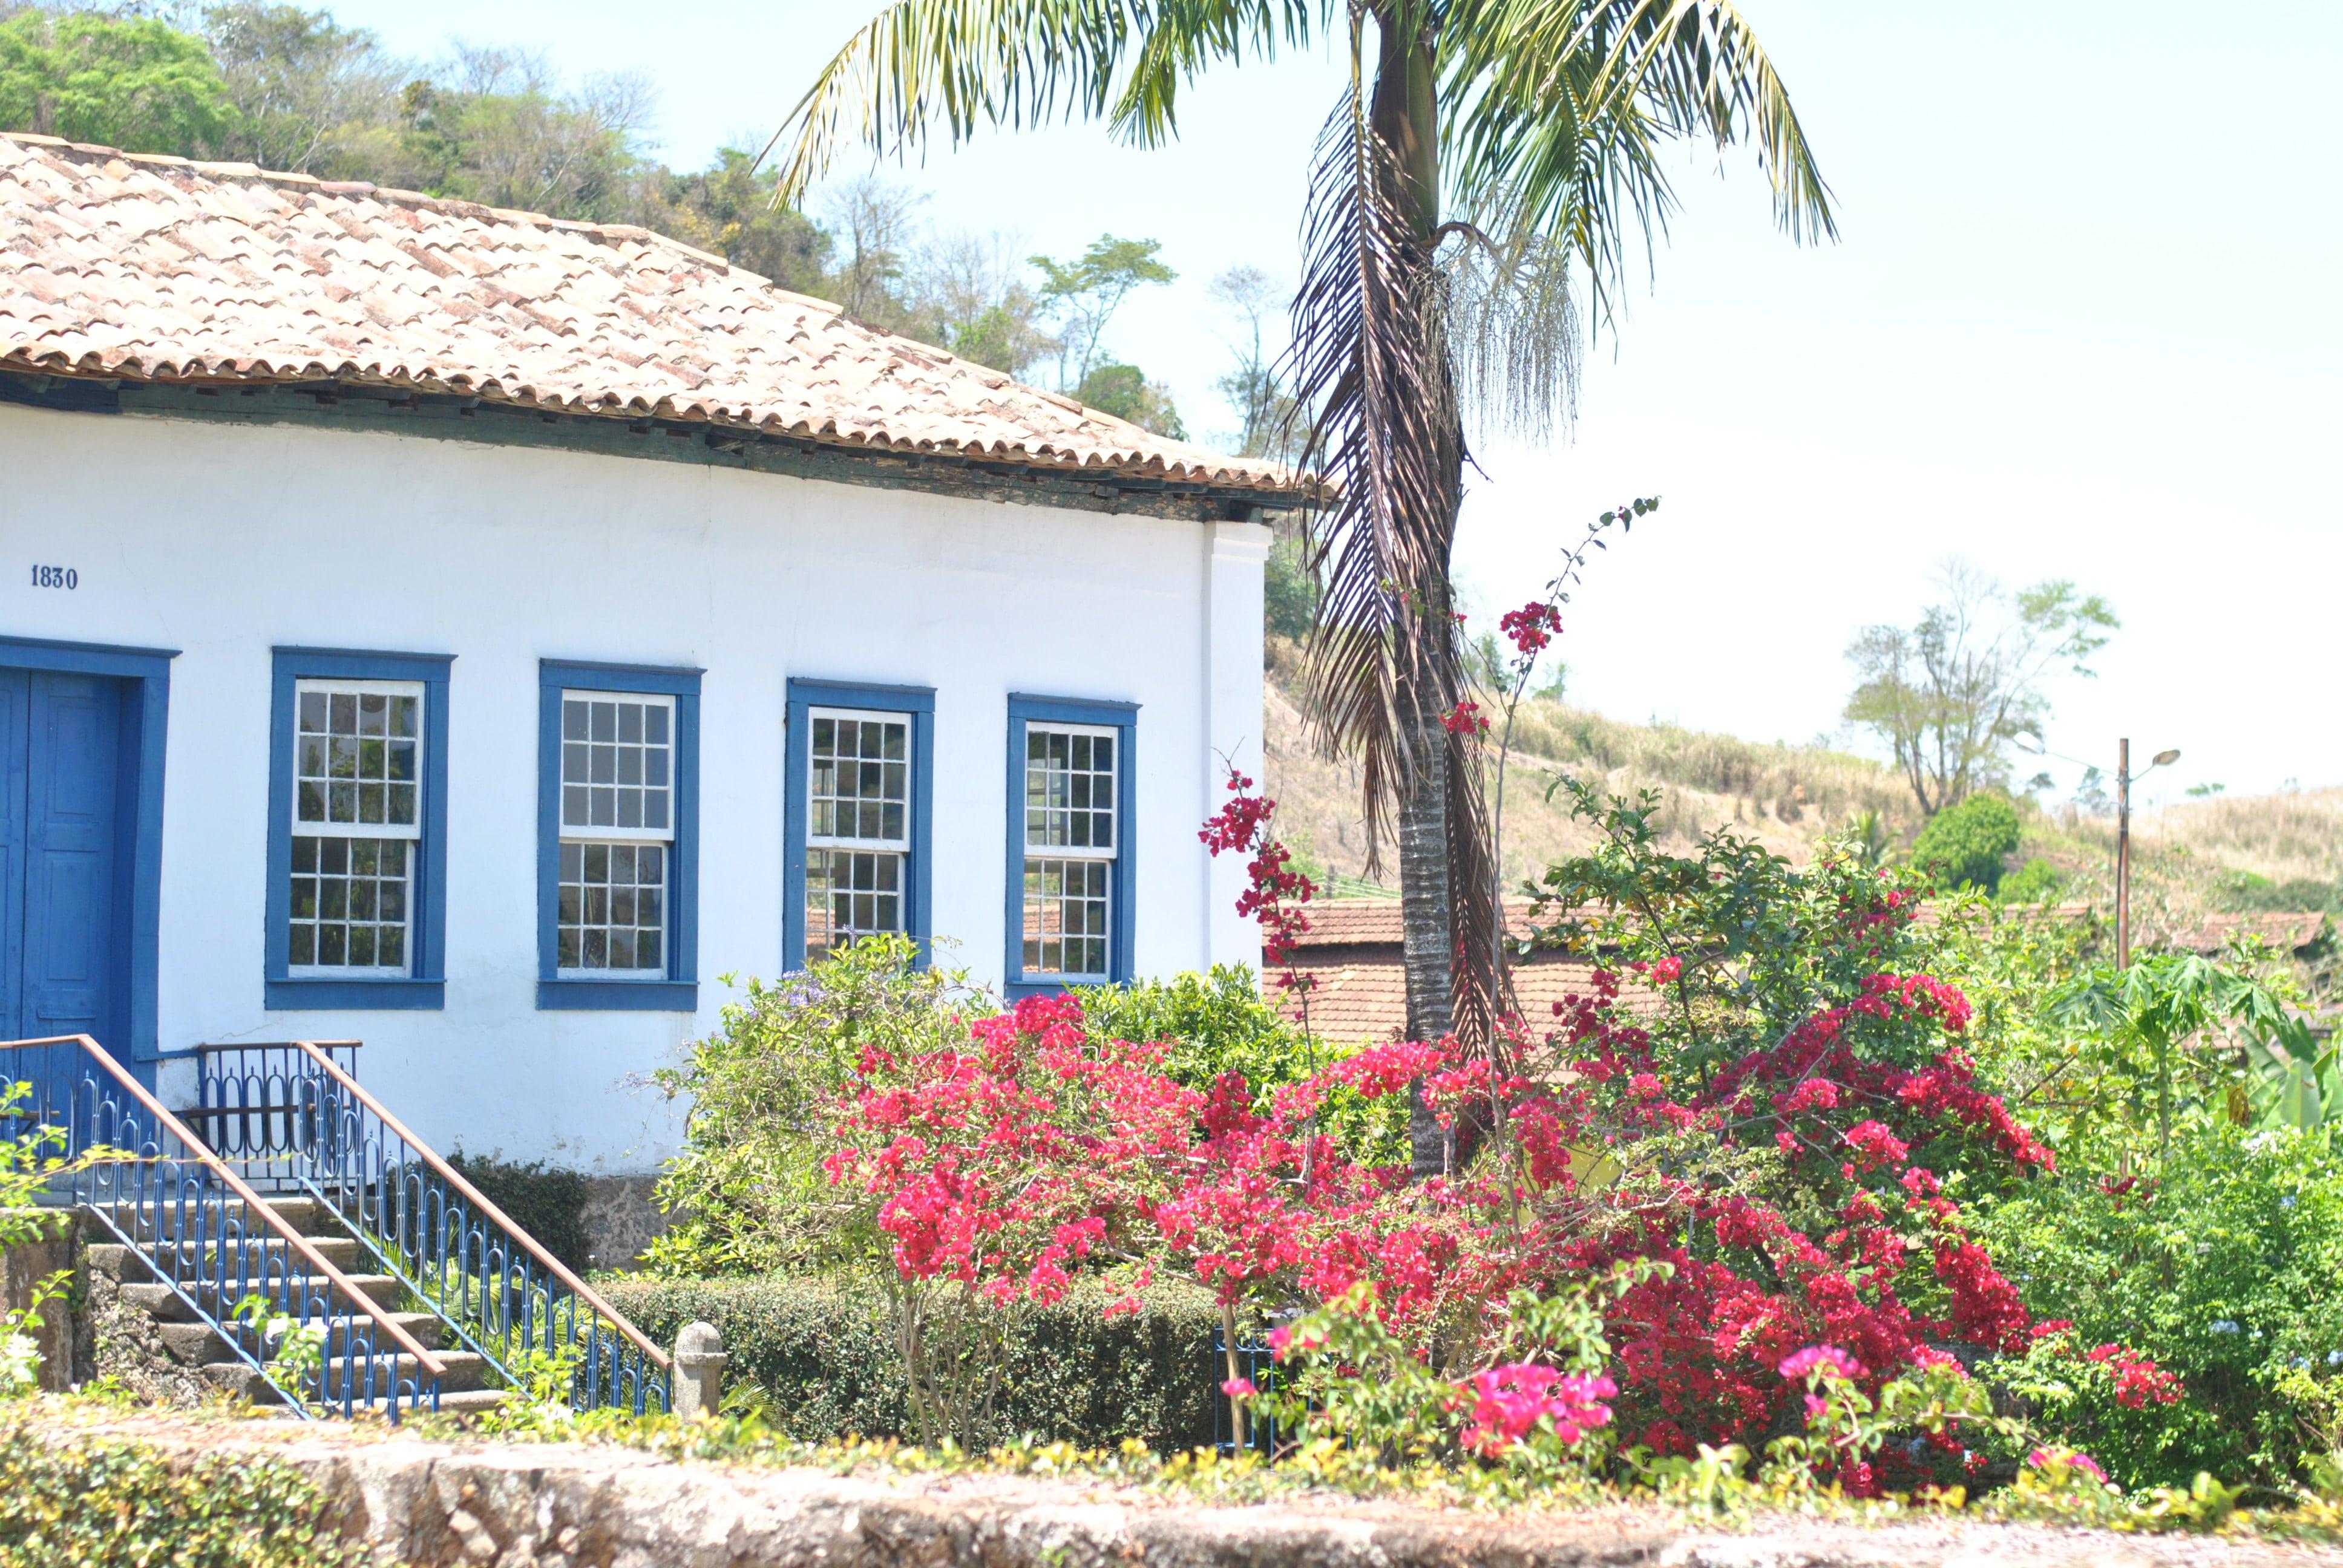 Fazendas históricas de Café no RJ